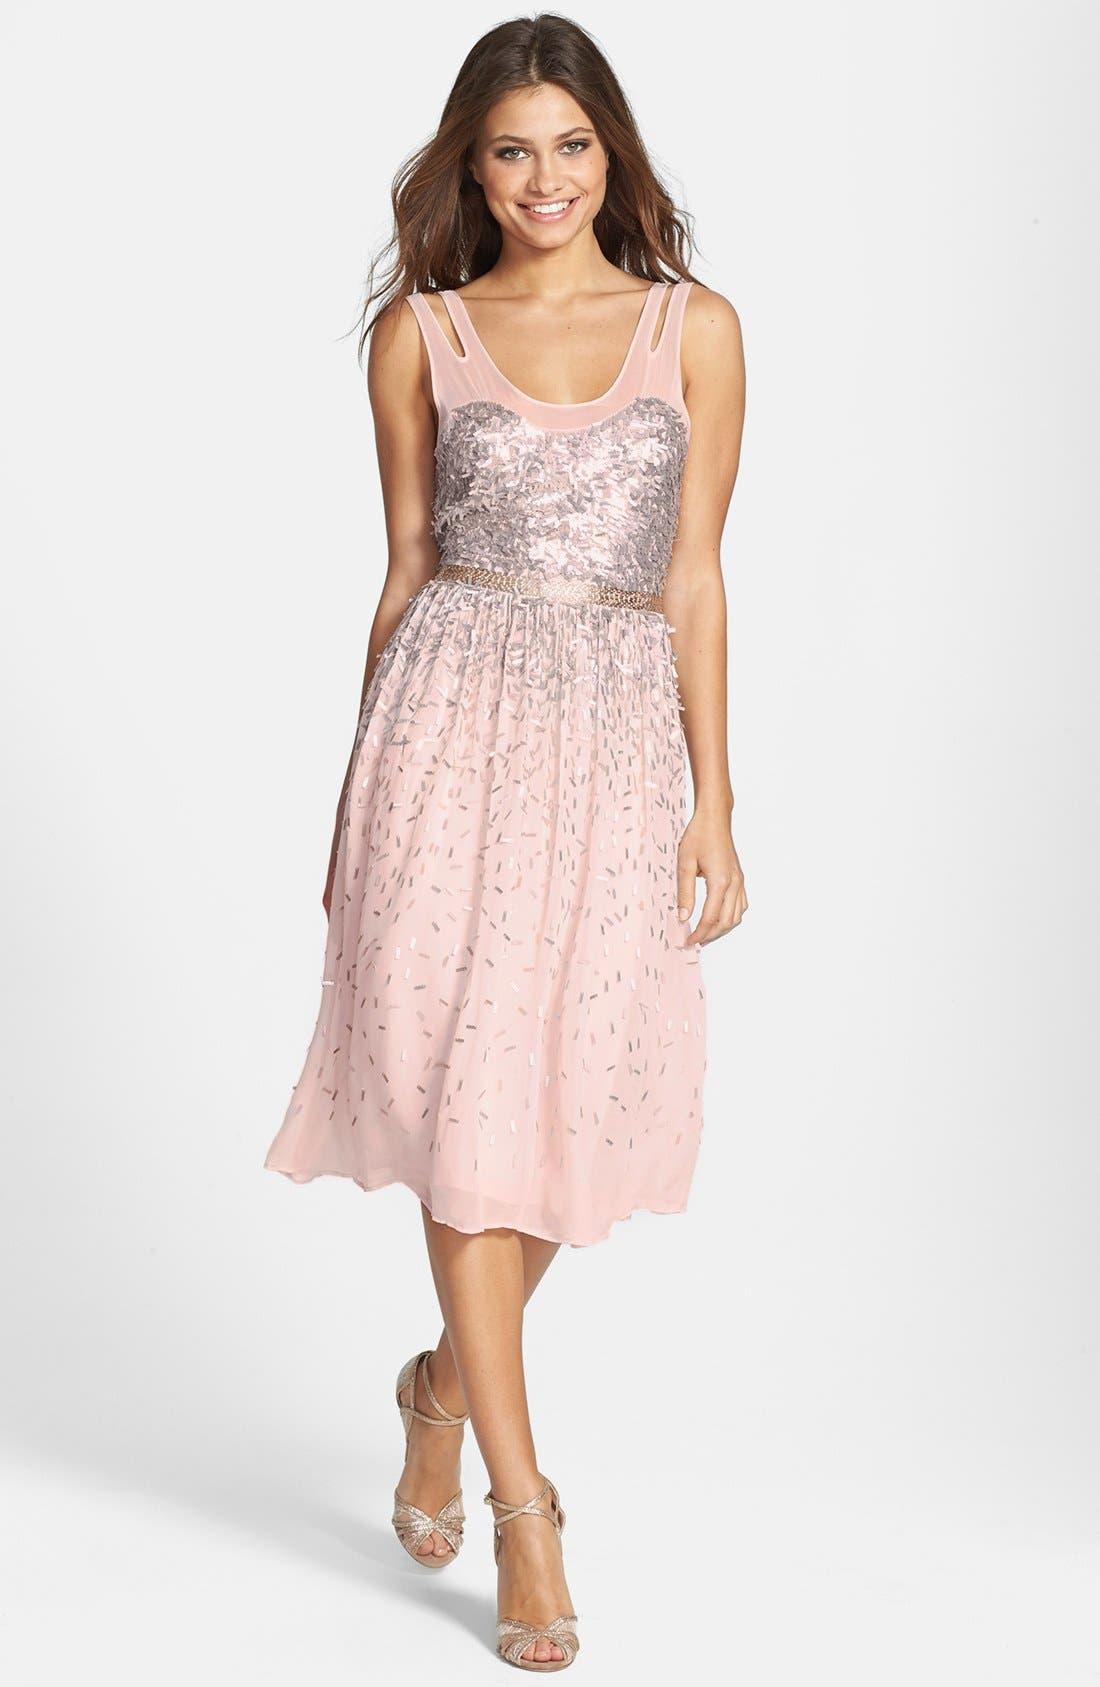 Alternate Image 1 Selected - French Connection 'Shimmer Shower' Embellished Dress